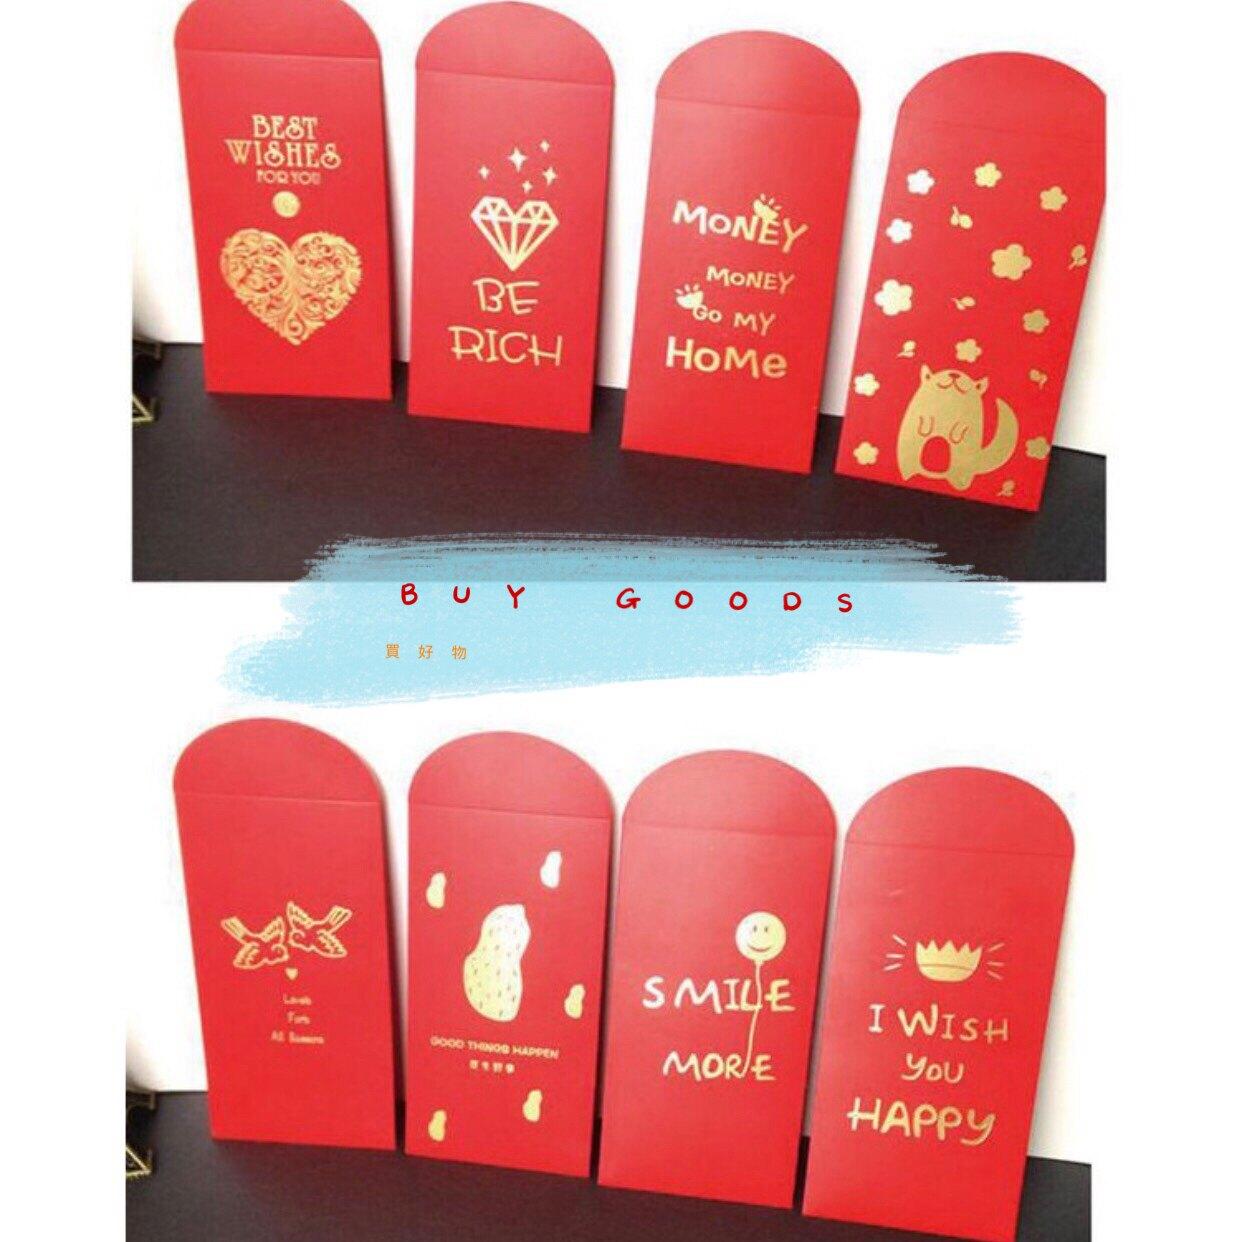 『現貨』新款熱銷創意紅包袋/趣味紅包袋/新年紅包袋/紅包袋